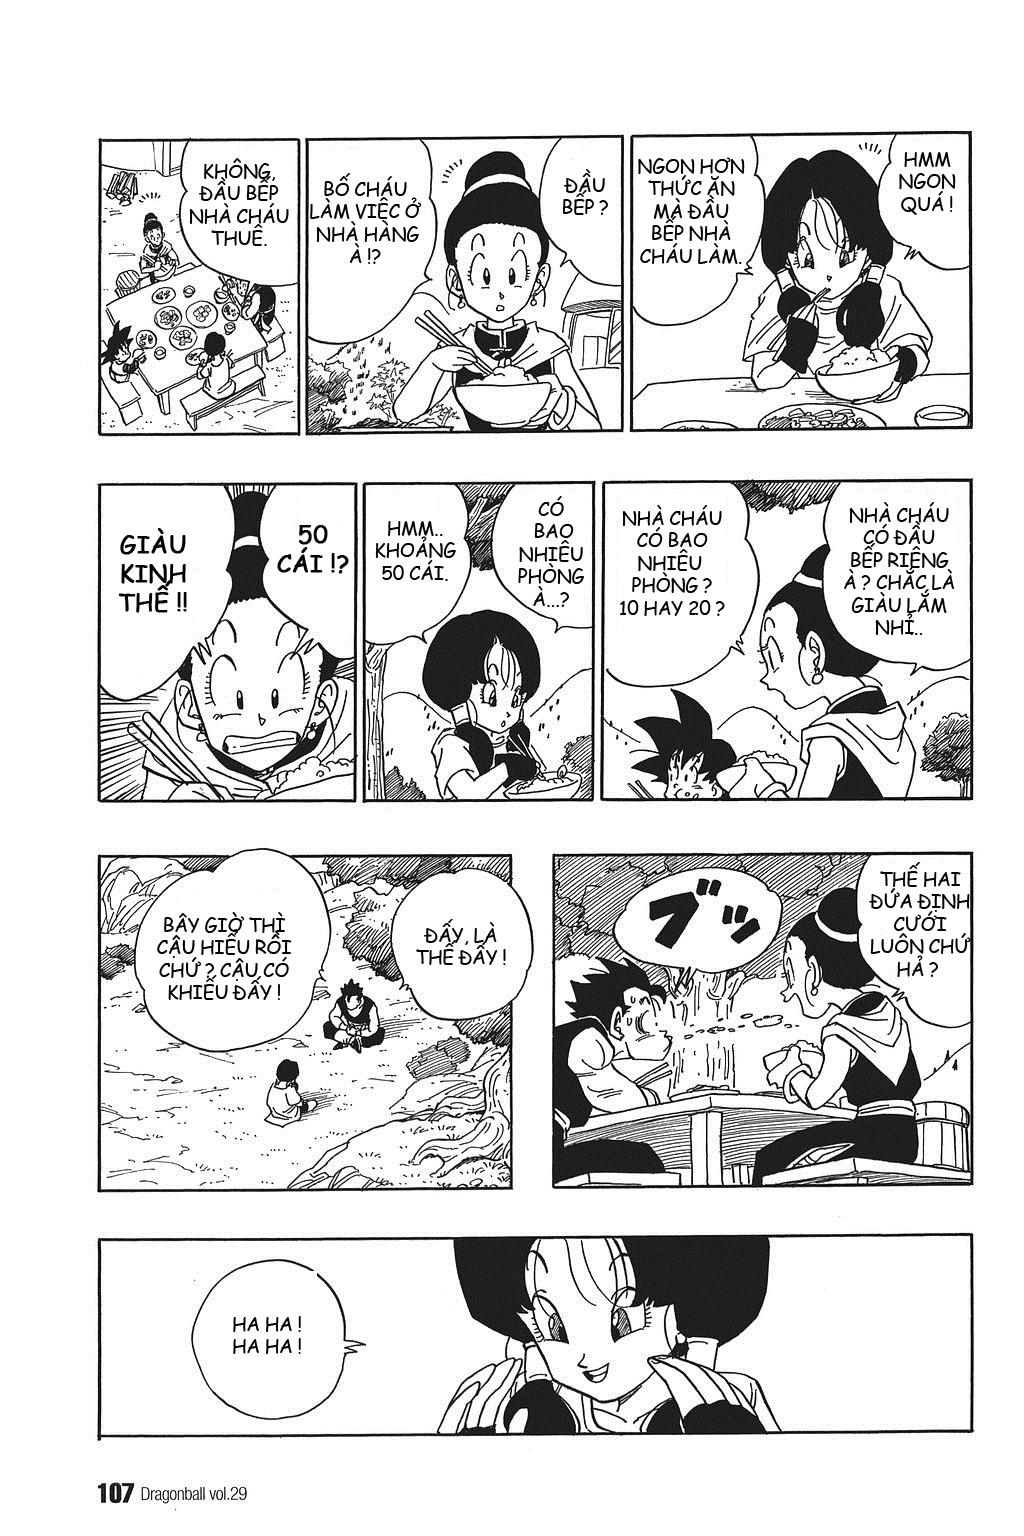 xem truyen moi - Dragon Ball Bản Vip - Bản Đẹp Nguyên Gốc Chap 428